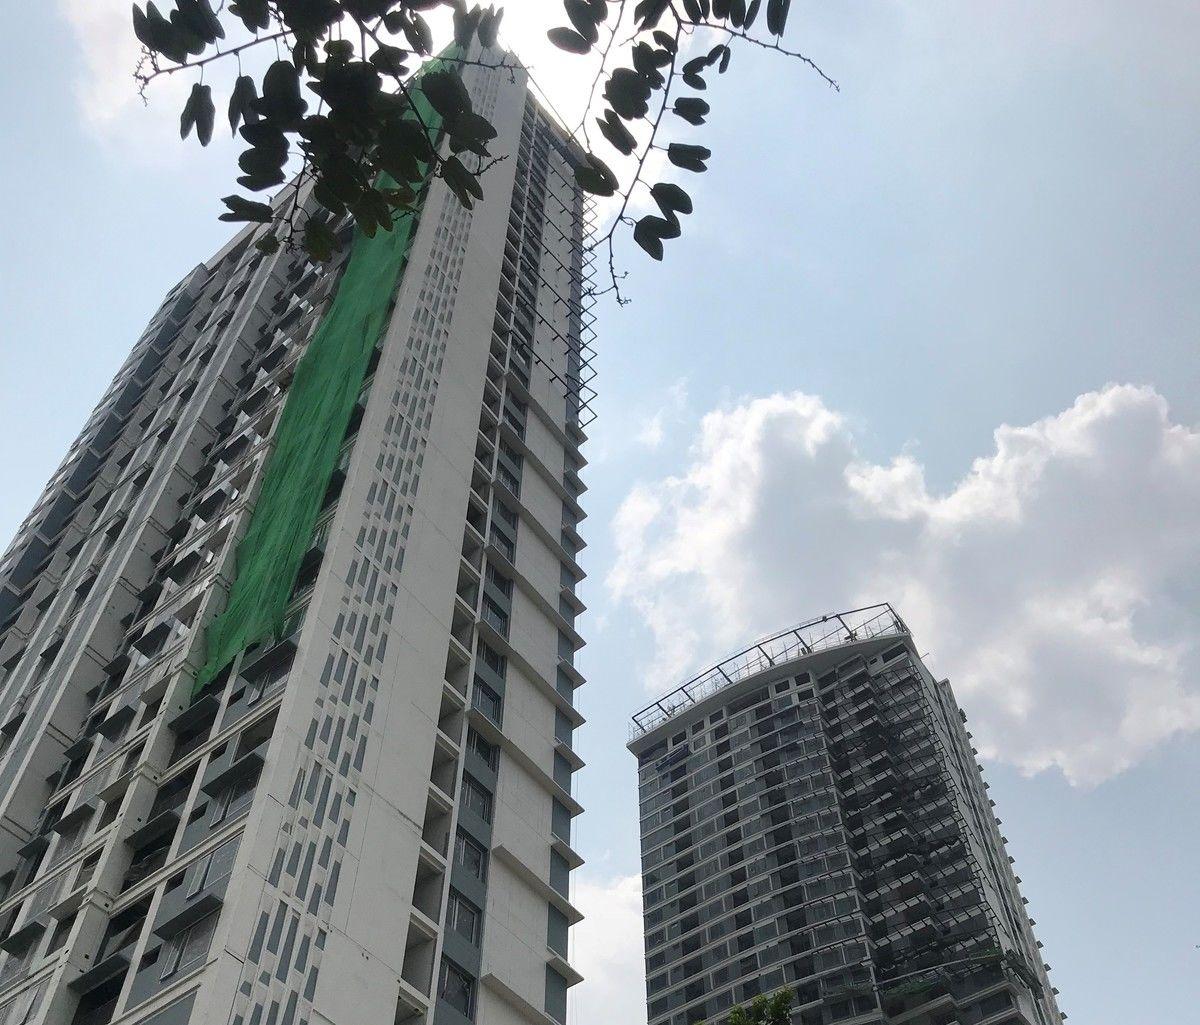 日本人がバンコクで不動産契約を行う場合のトラブル防止法